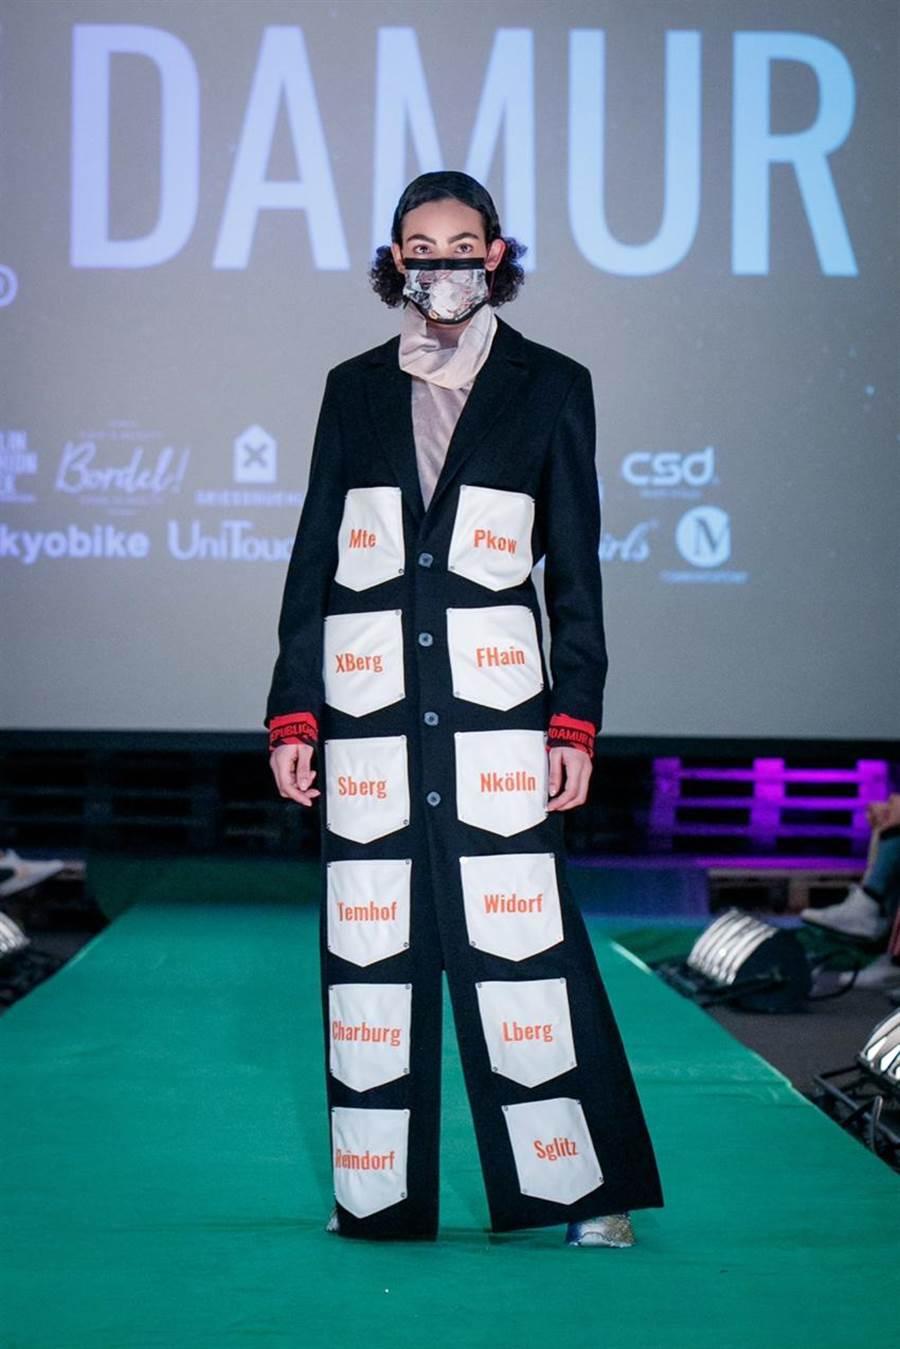 德國柏林時尚週,穿著高端街頭服飾的模特兒搭配彩色口罩出場!圖/中衛口罩